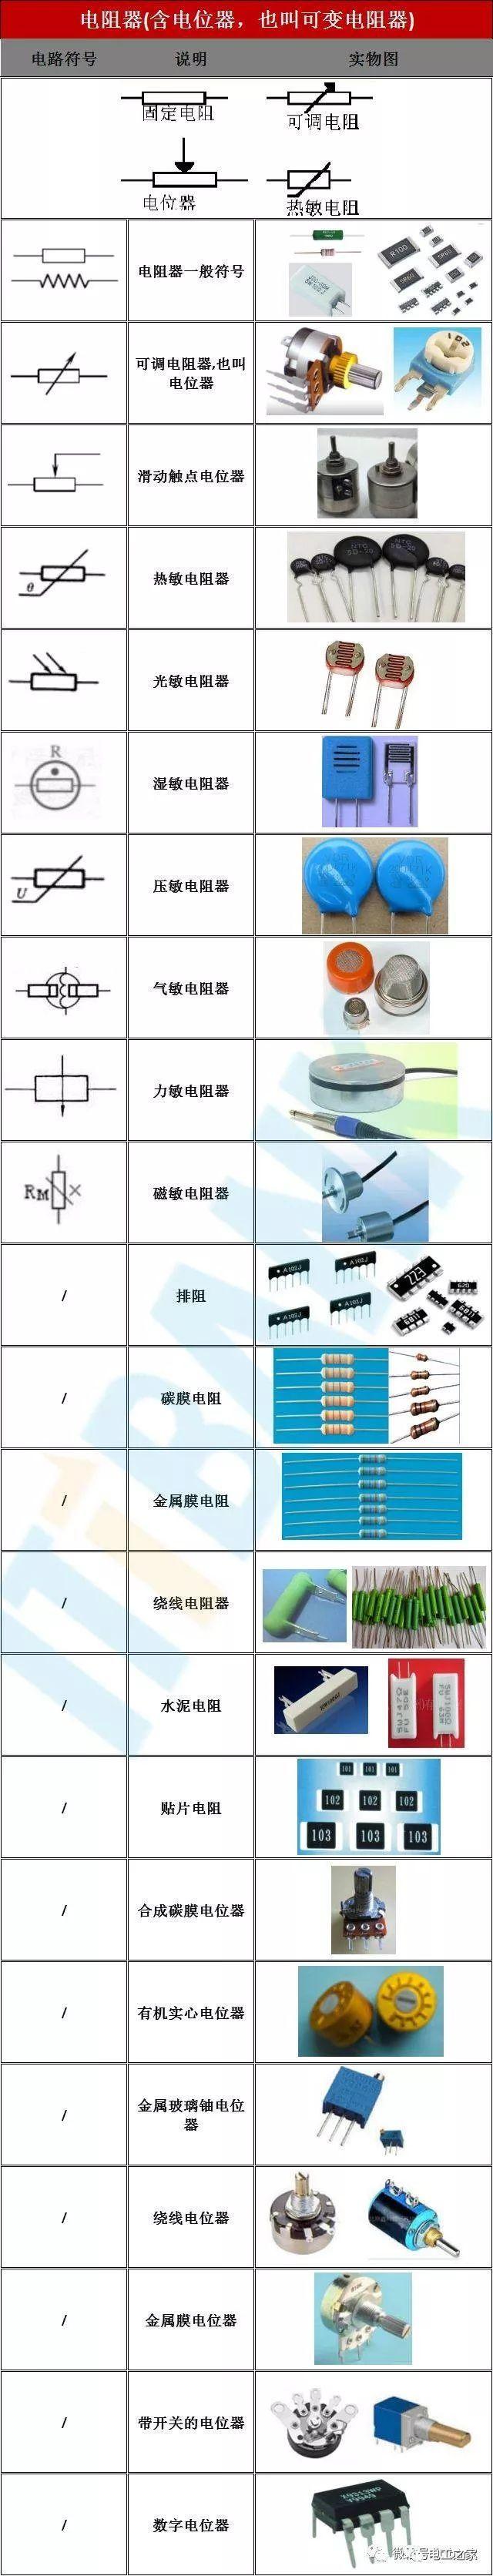 IGBT全桥整流电路资料下载-电子元器件电路符号+实物图+命名规则(史上最全,绝对收藏)